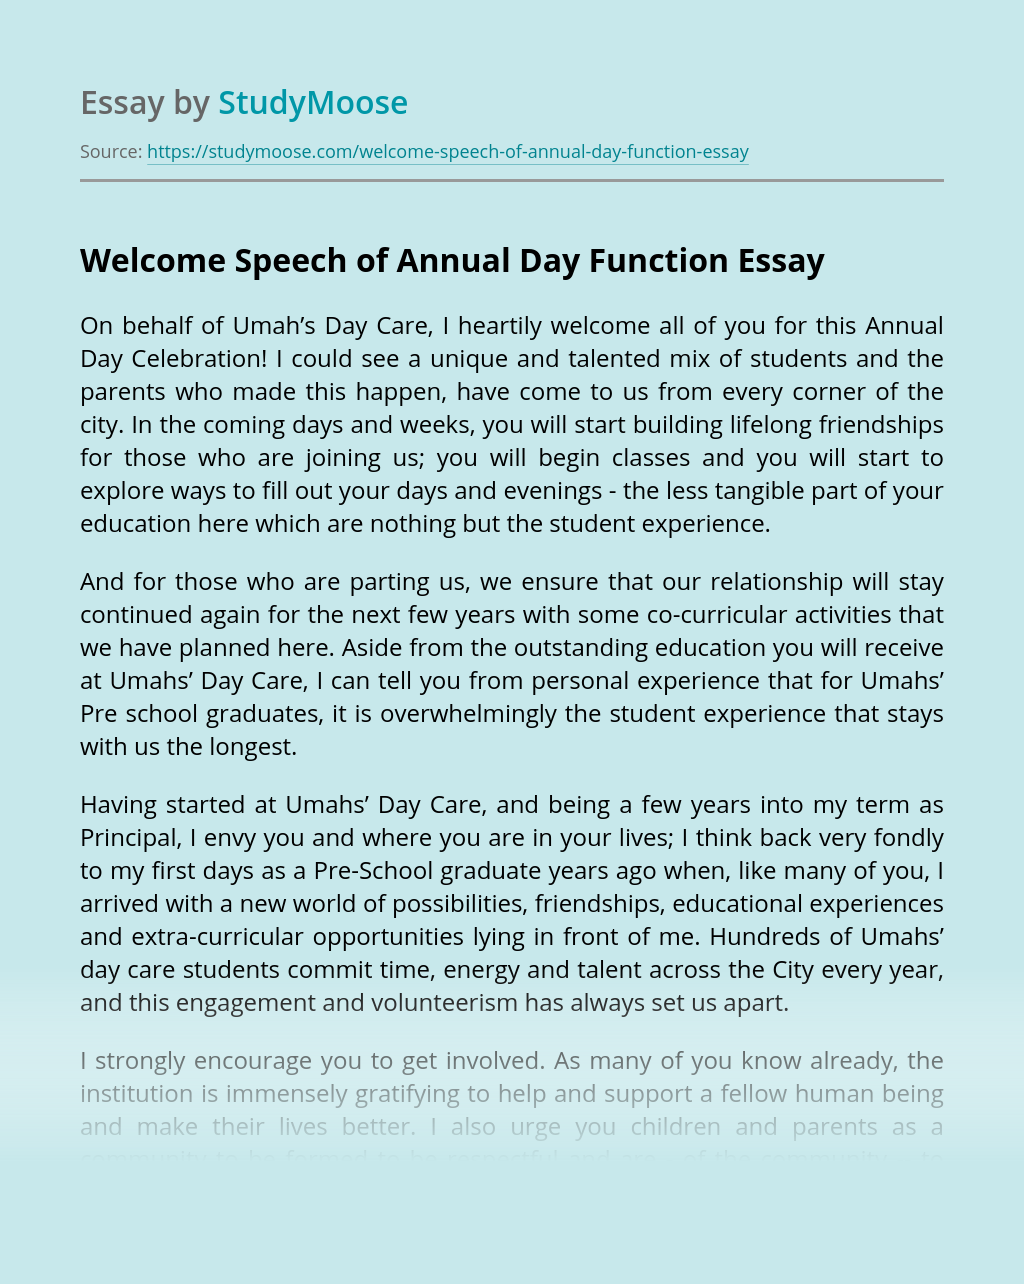 Umahs' Day Care